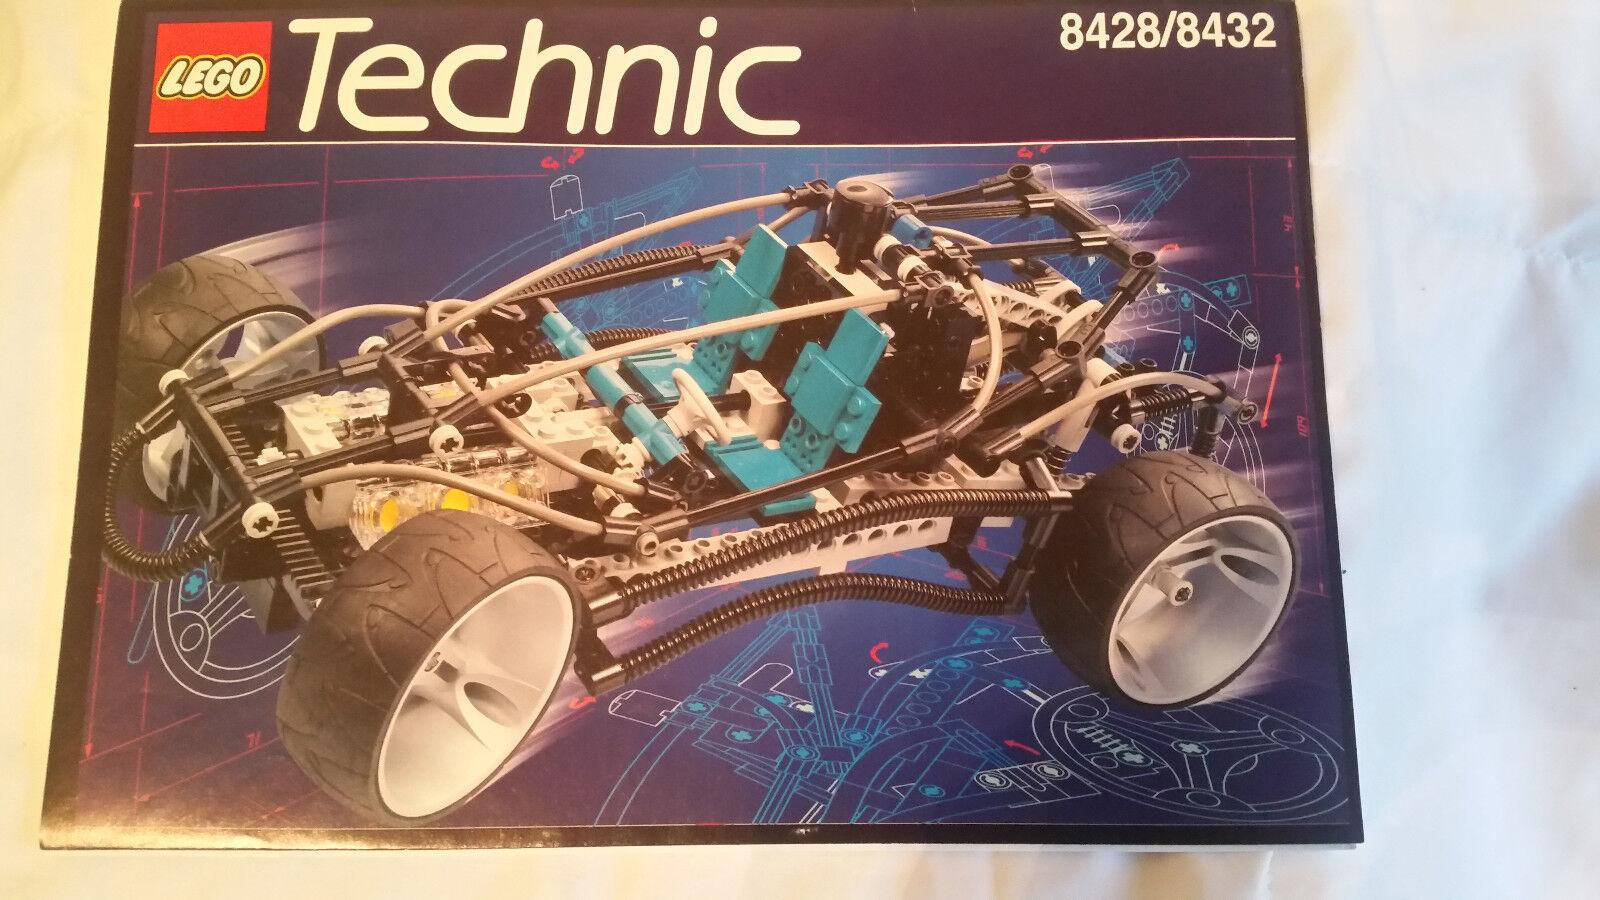 Lego Technic 8428 8432 bitte lesen  mit OVP BL CD Rom beide Modelle Prototyp